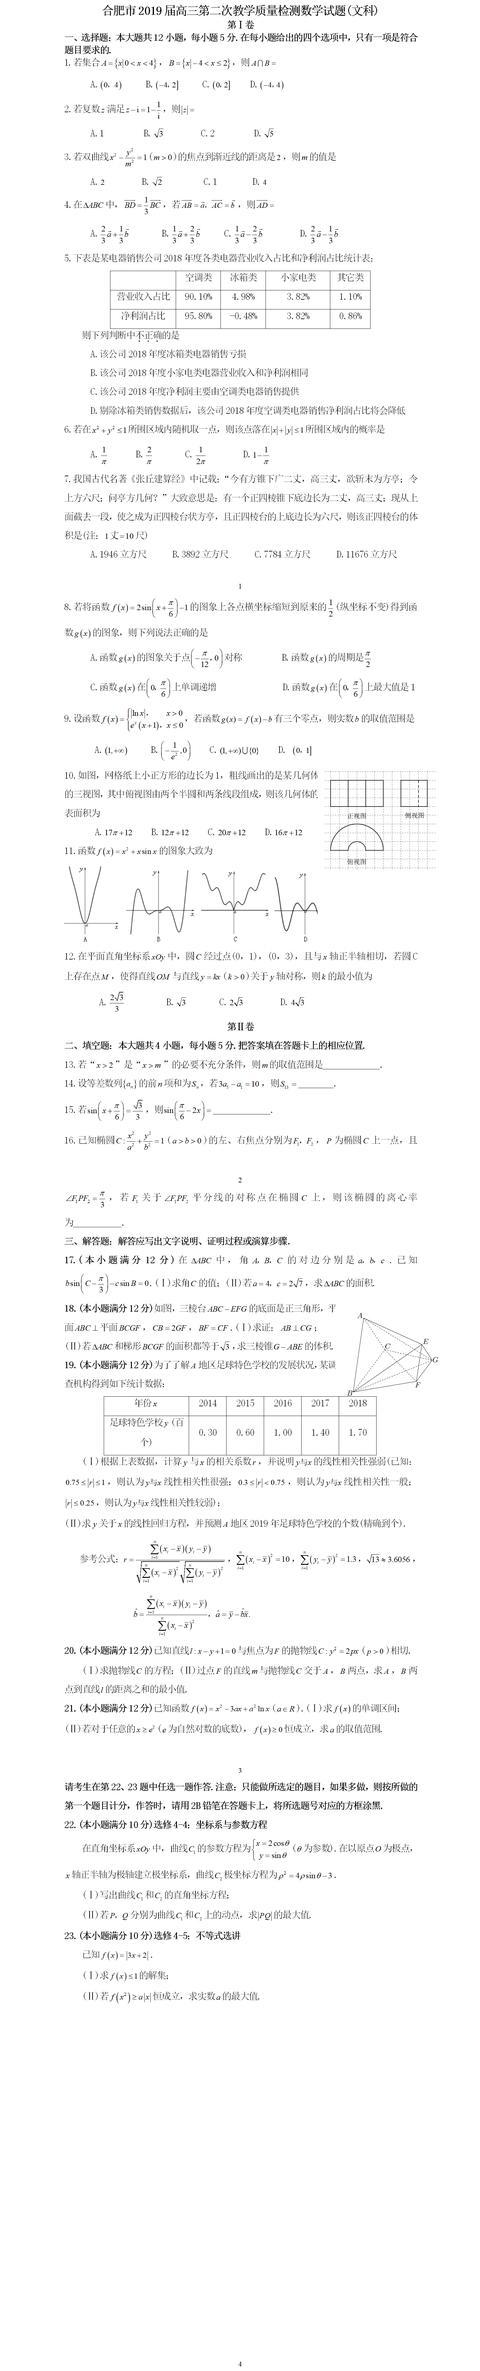 合肥市高三第二次教学质量检测数学试题(文科)